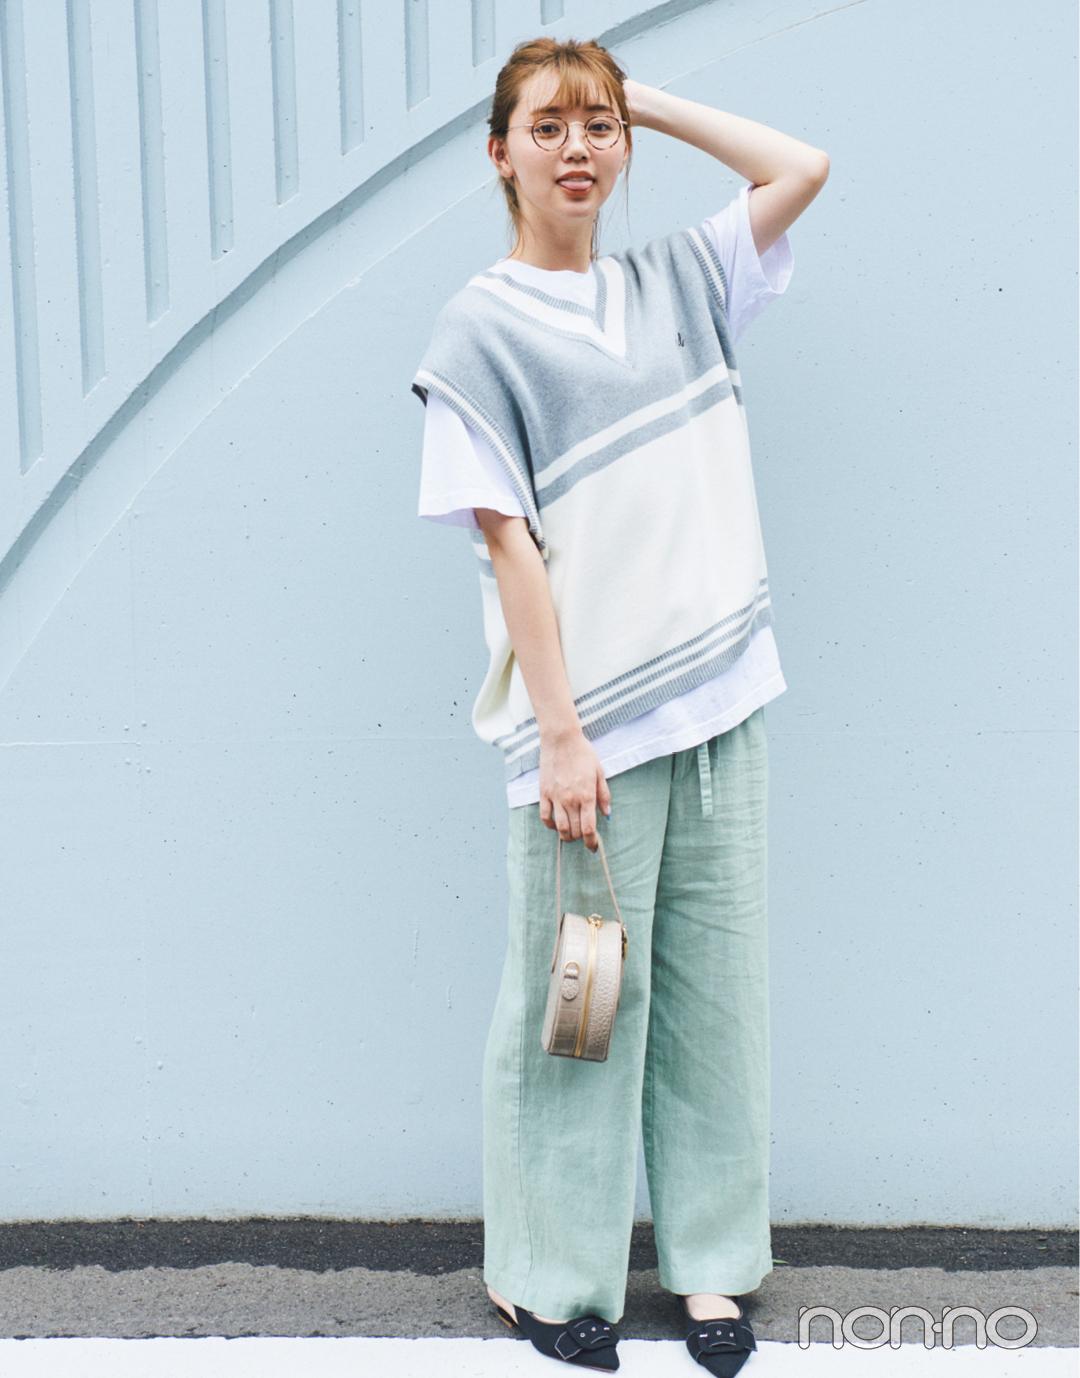 流行りのベスト、メンズを選んでゆるめに着るのが可愛い!【男子服vol.1】_1_3-2